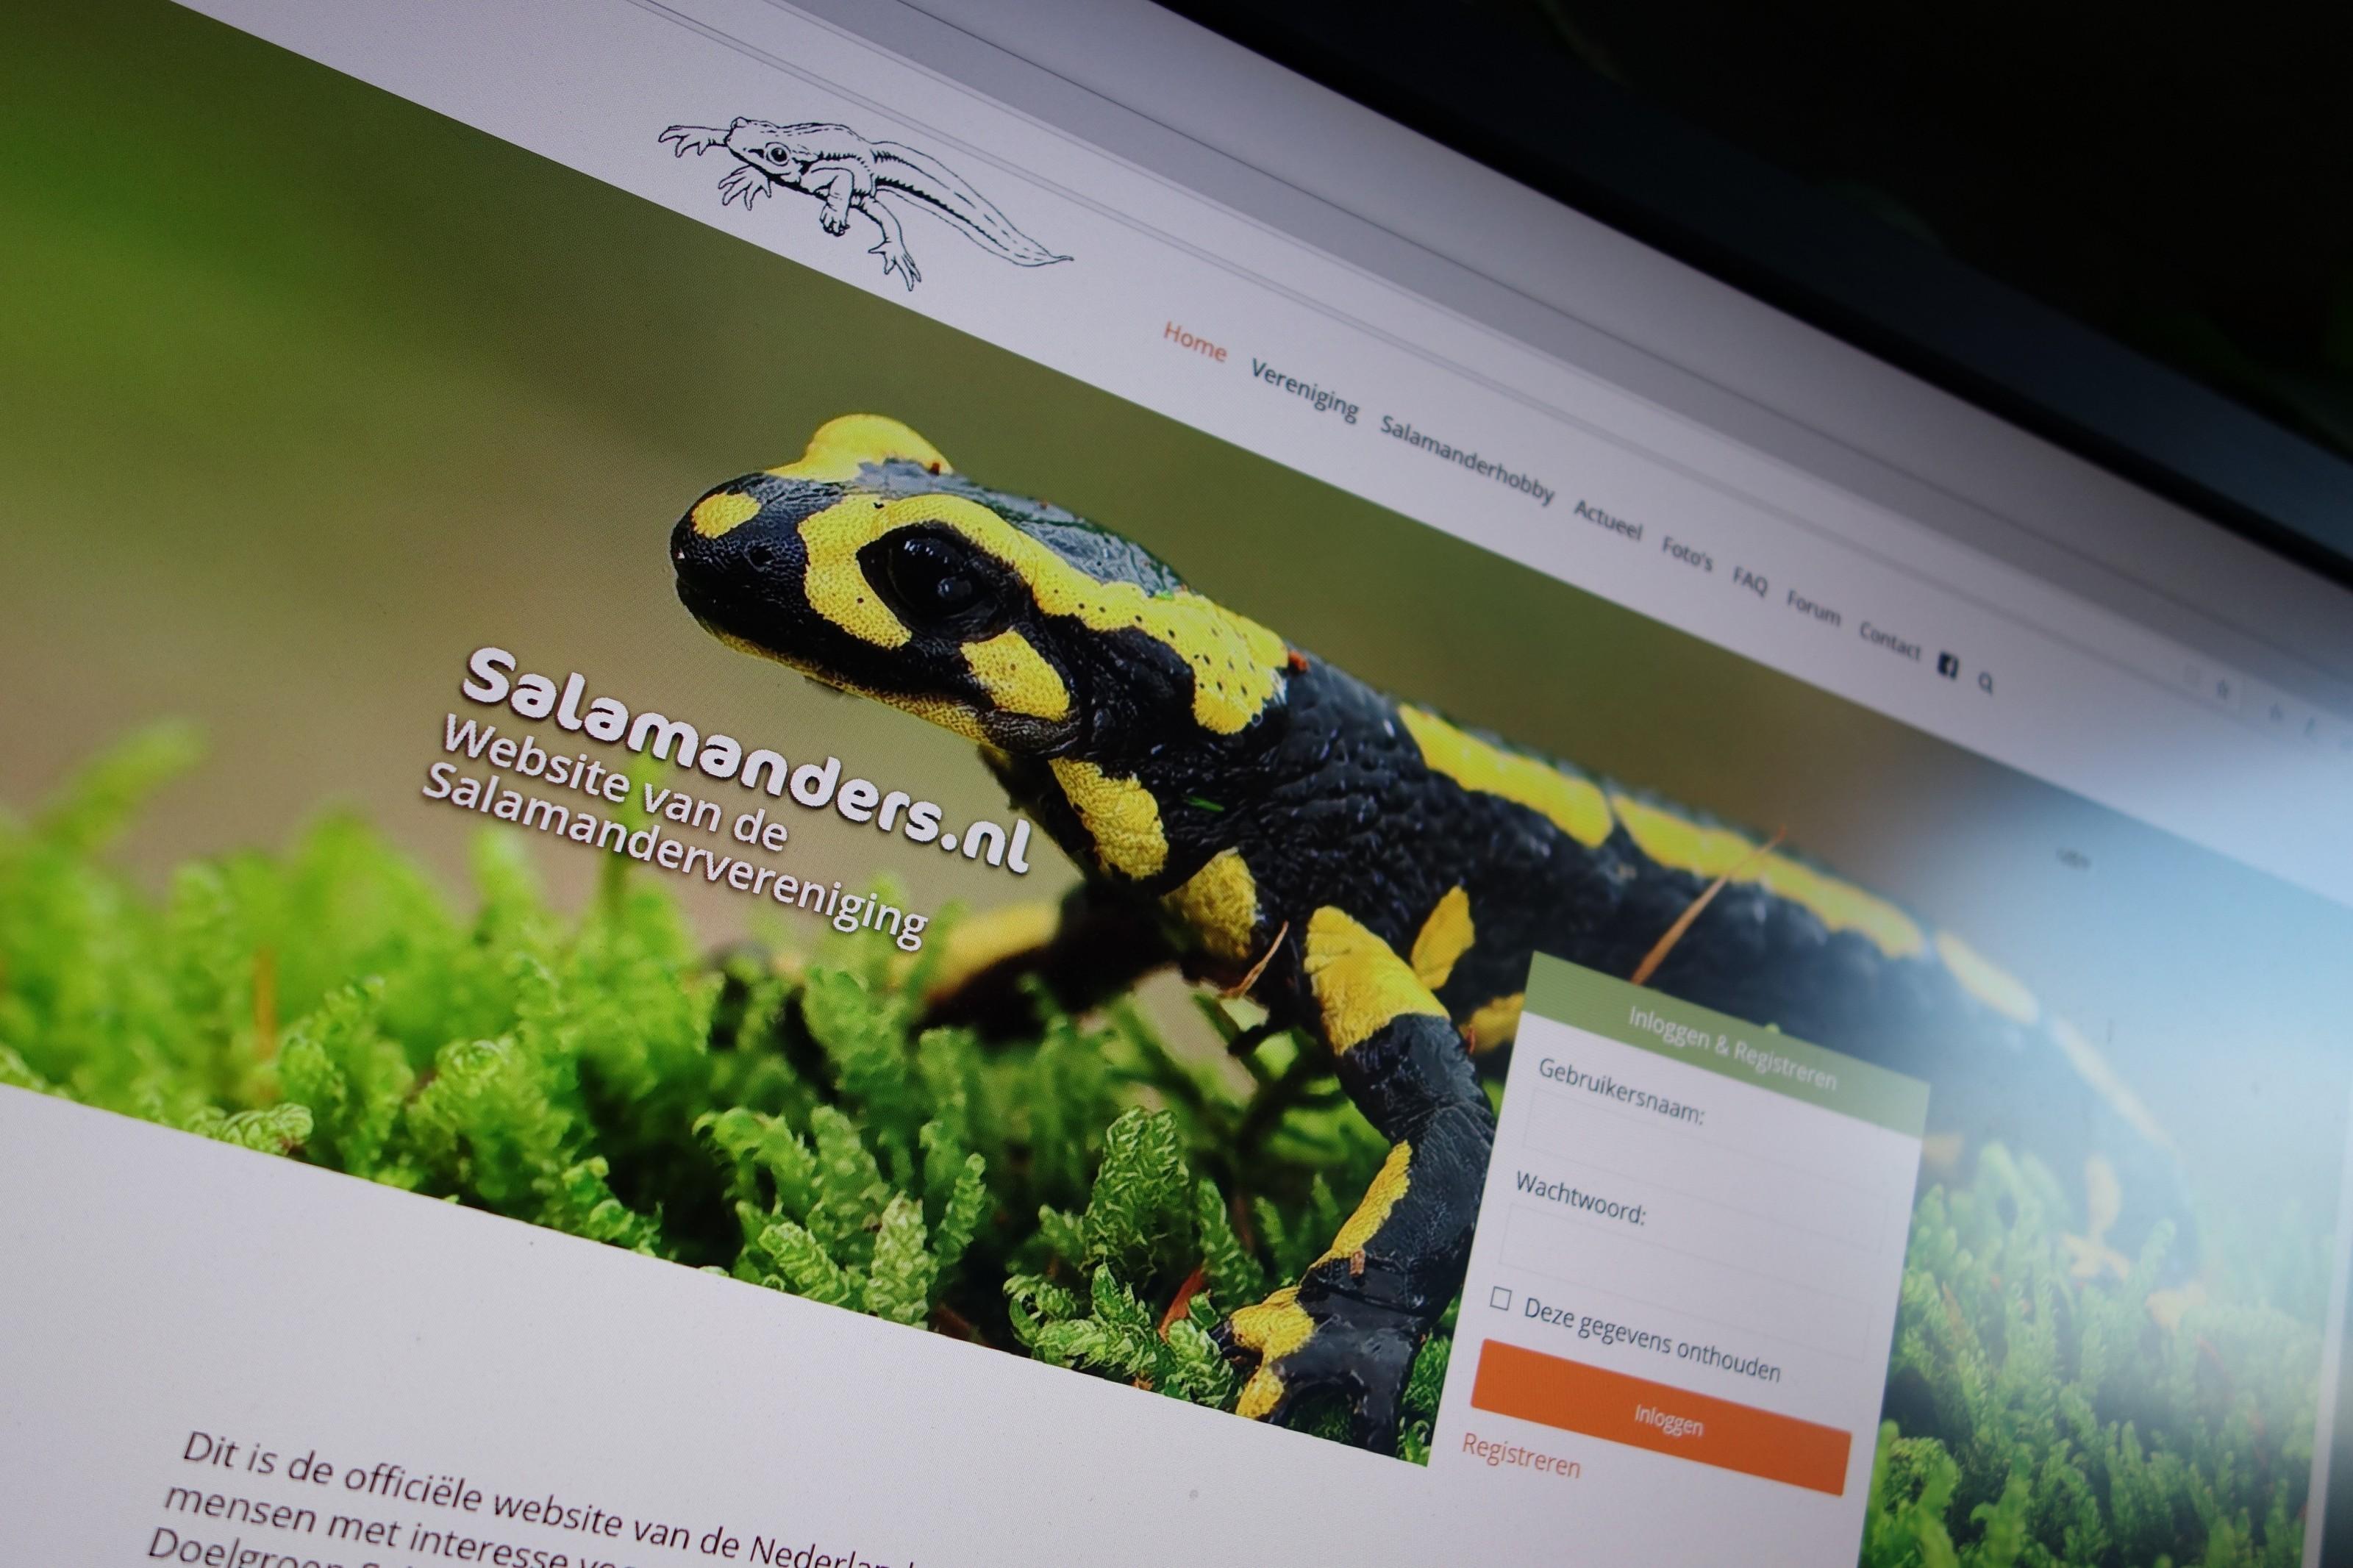 Updates Op De Salamanders.nl